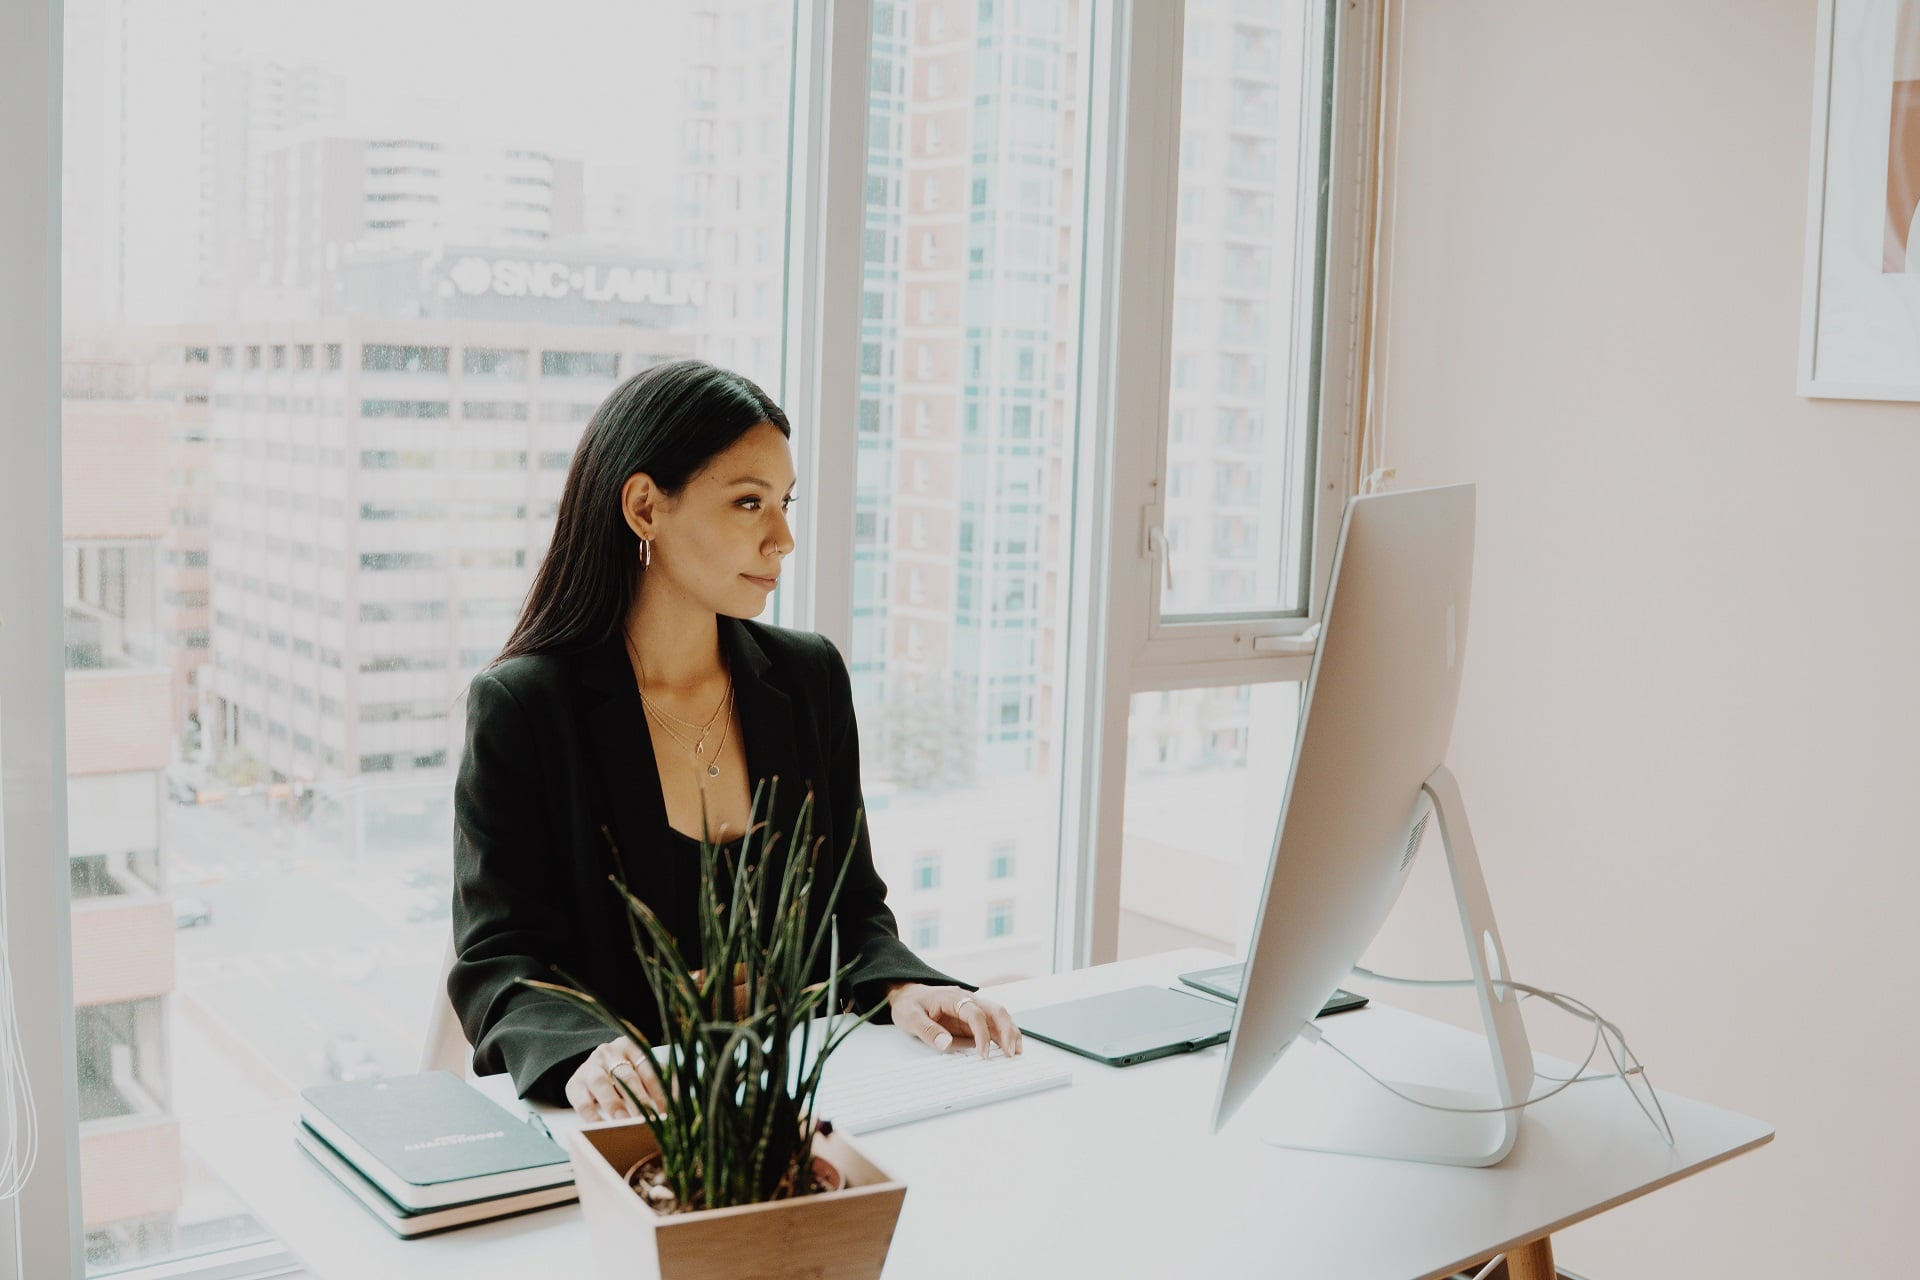 Women Entrepreneurs Statistics